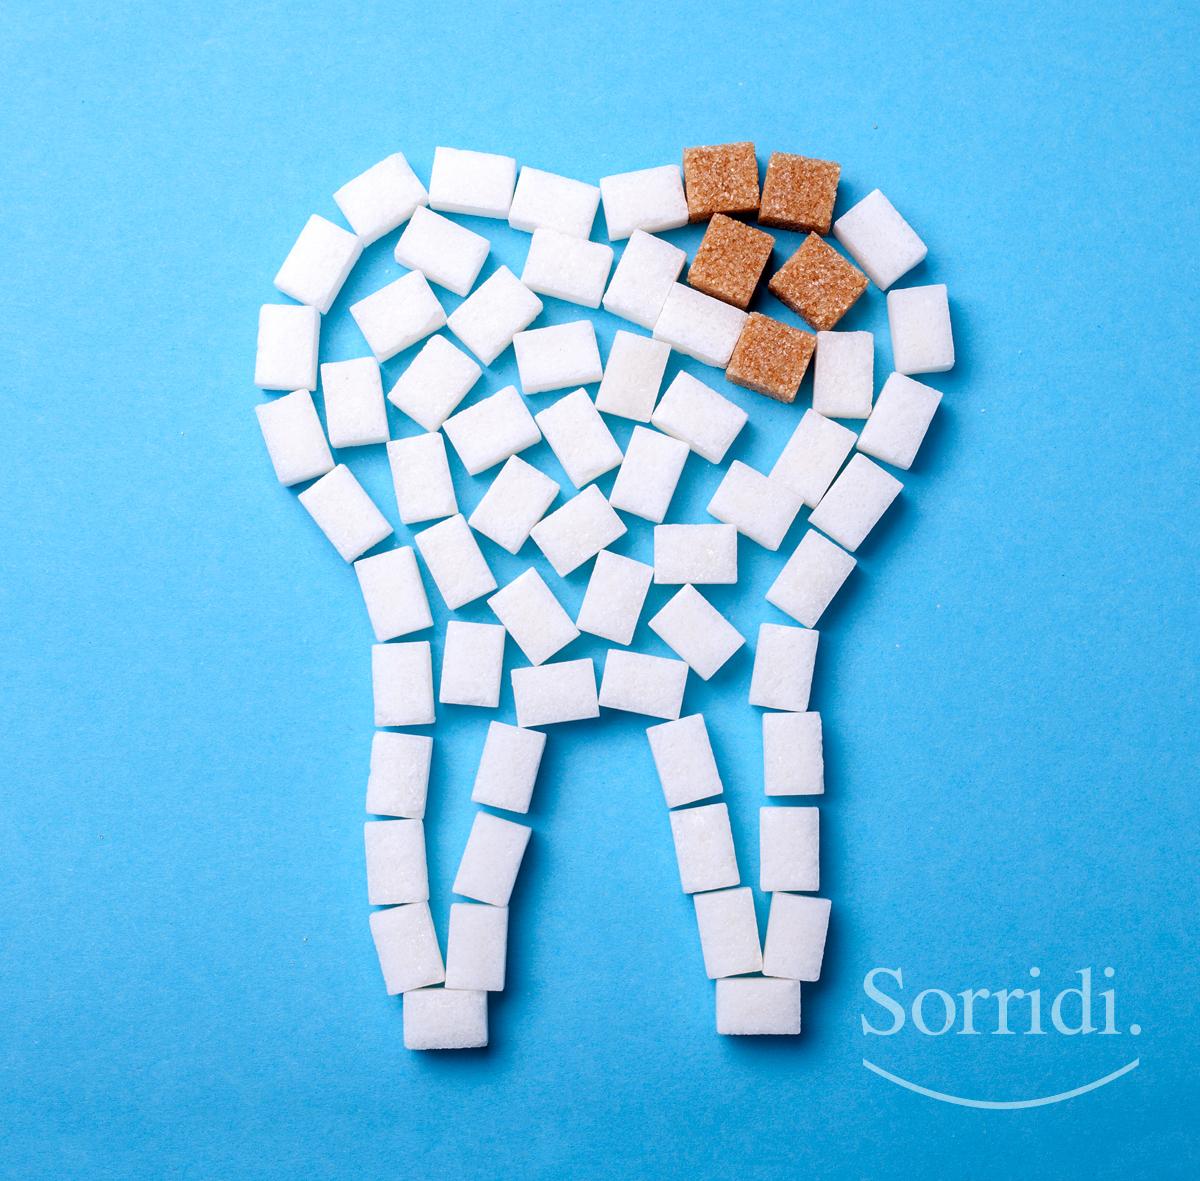 sorridi-ch-magazine-dentista-locarno-sigillatura-denti-bambini